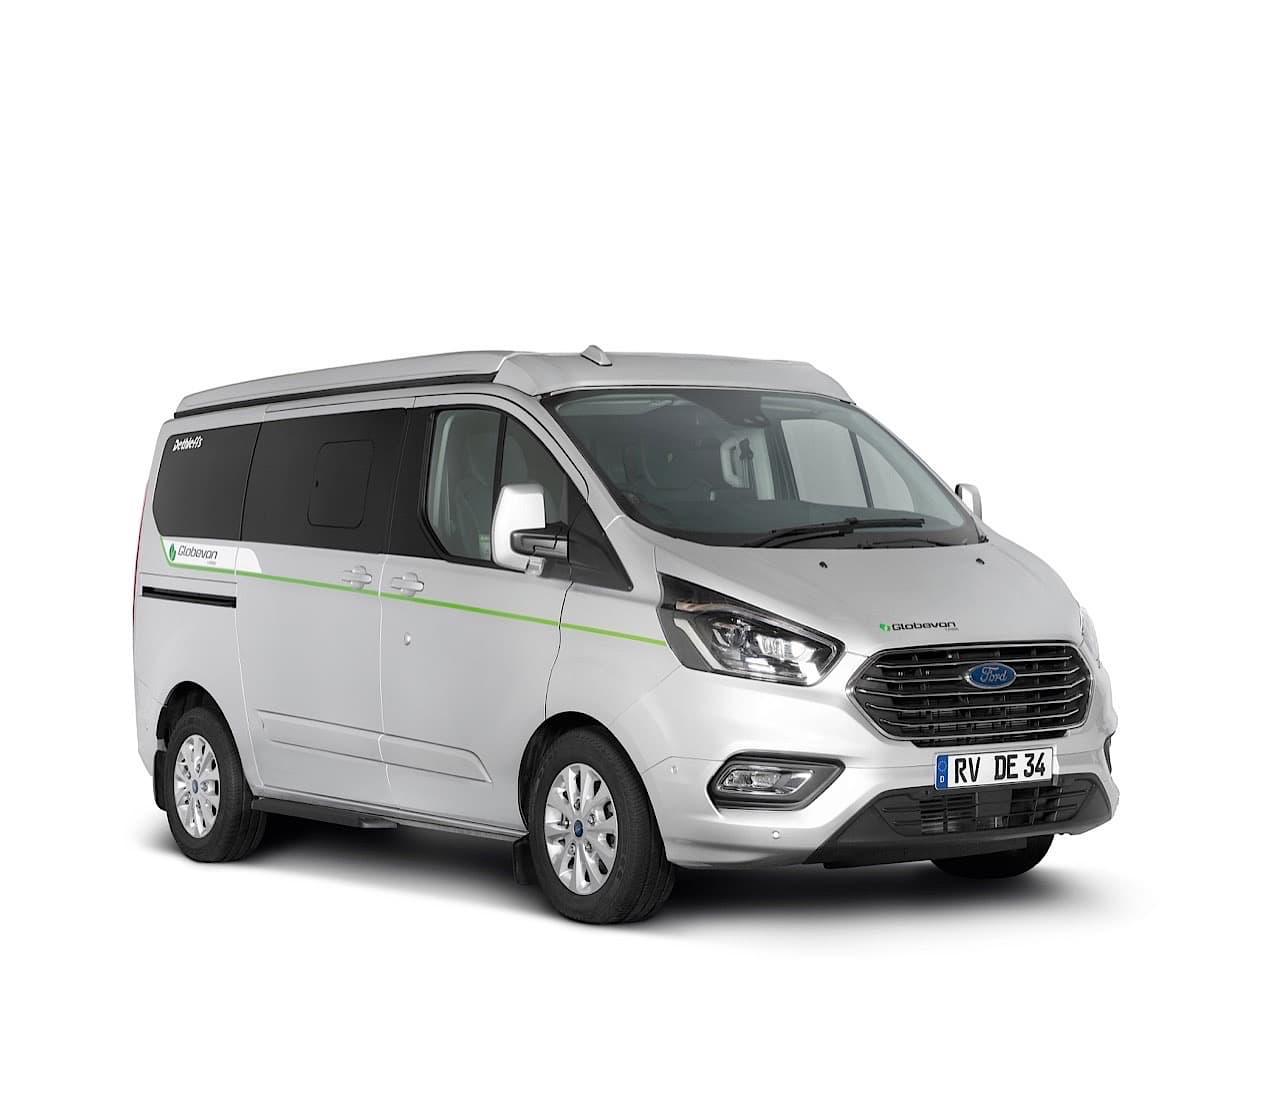 Globevan Front